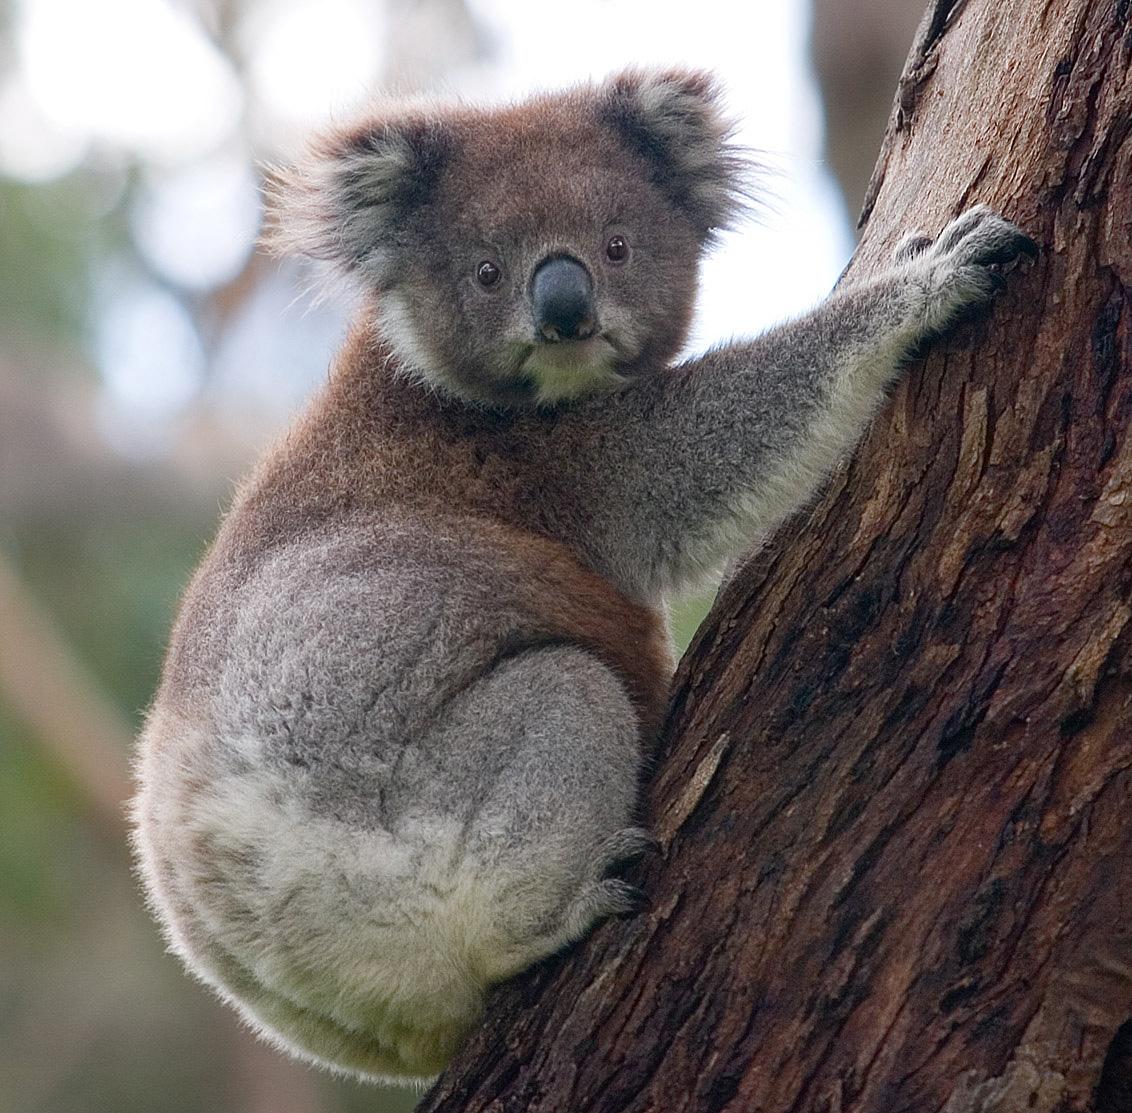 Depiction of Marsupialia